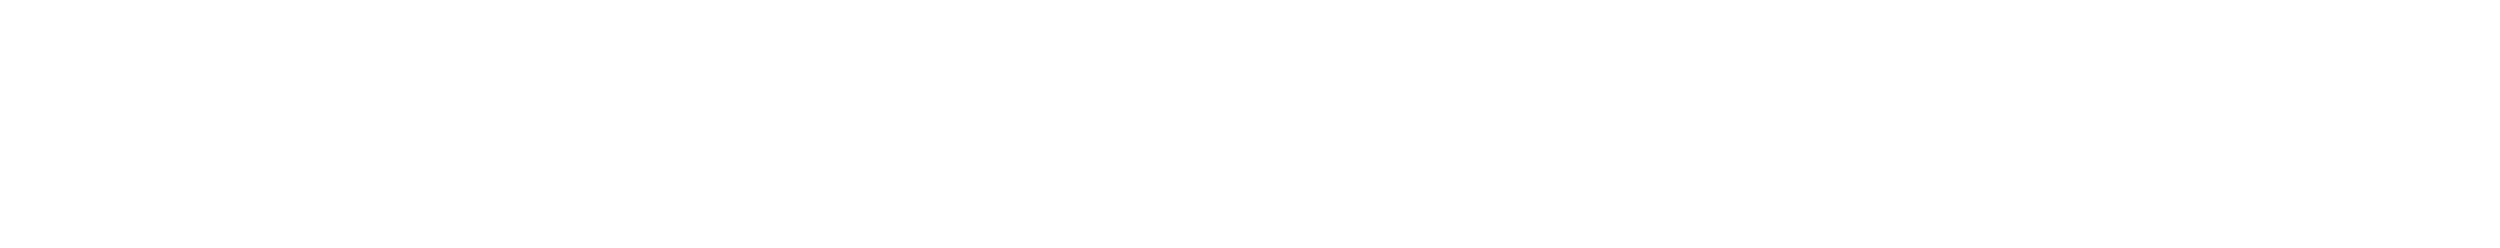 symm logo white.png